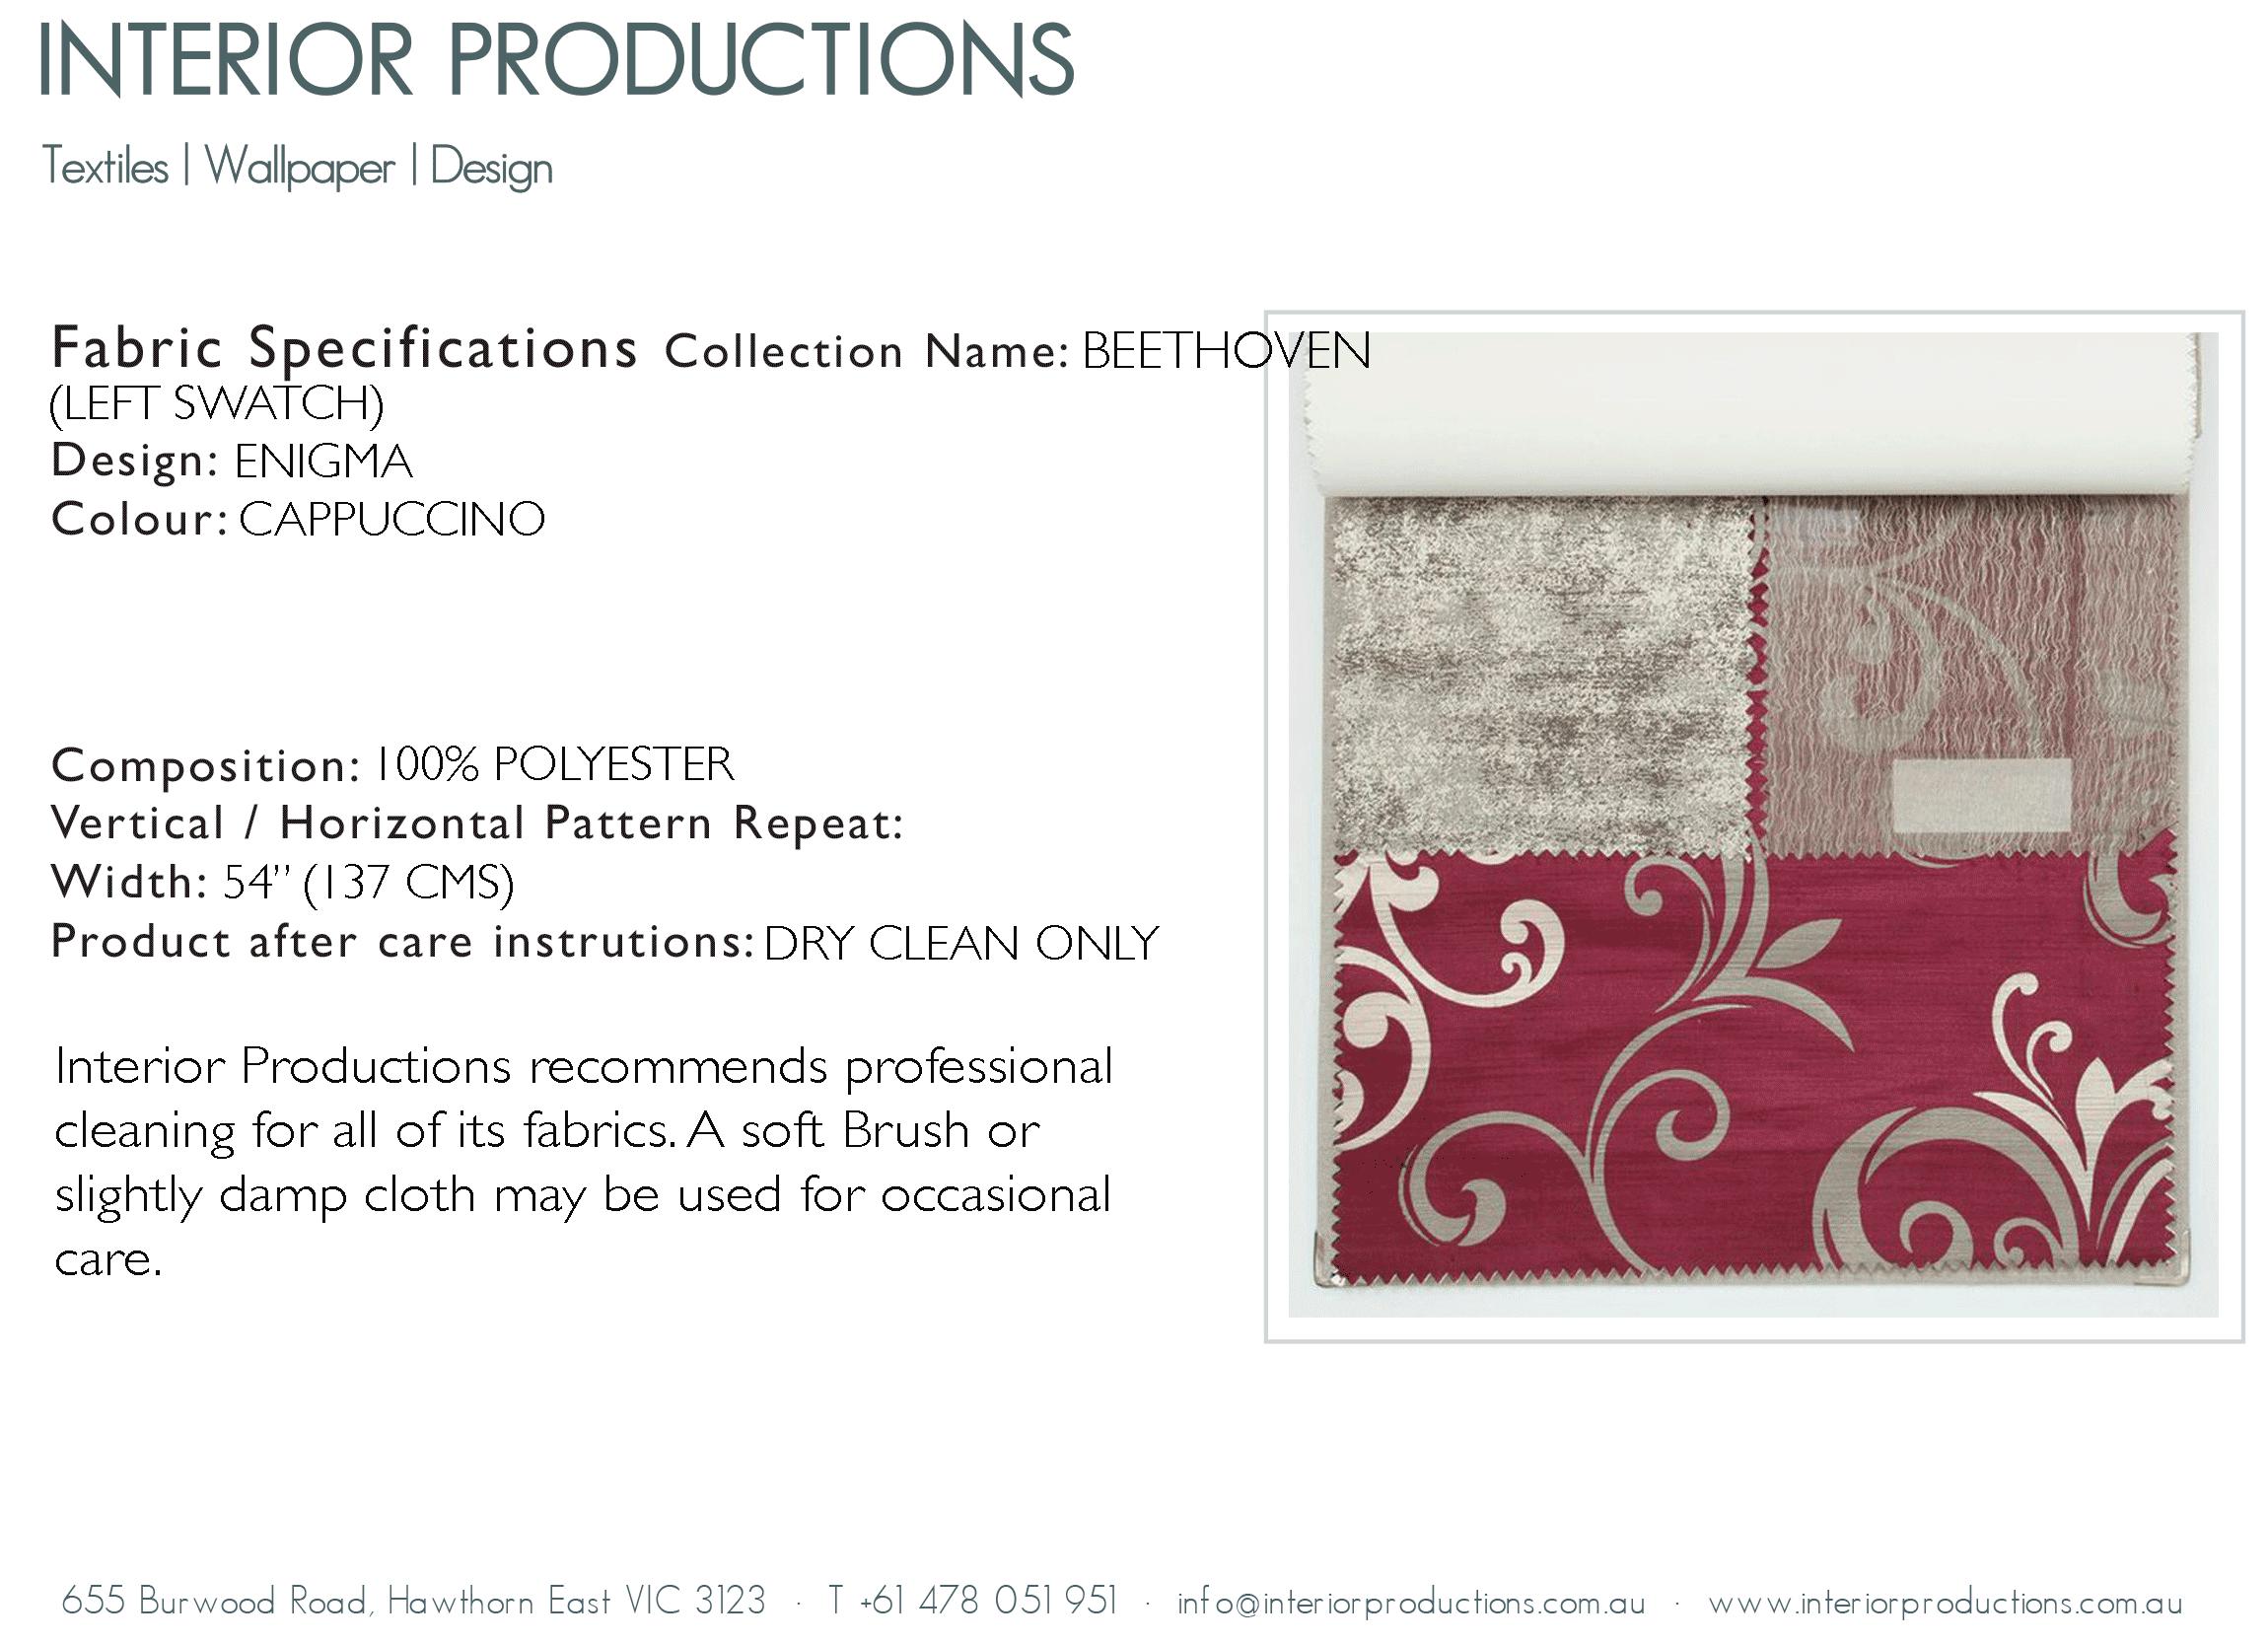 interior_productions_ENIGMA---CAPPUCCINO